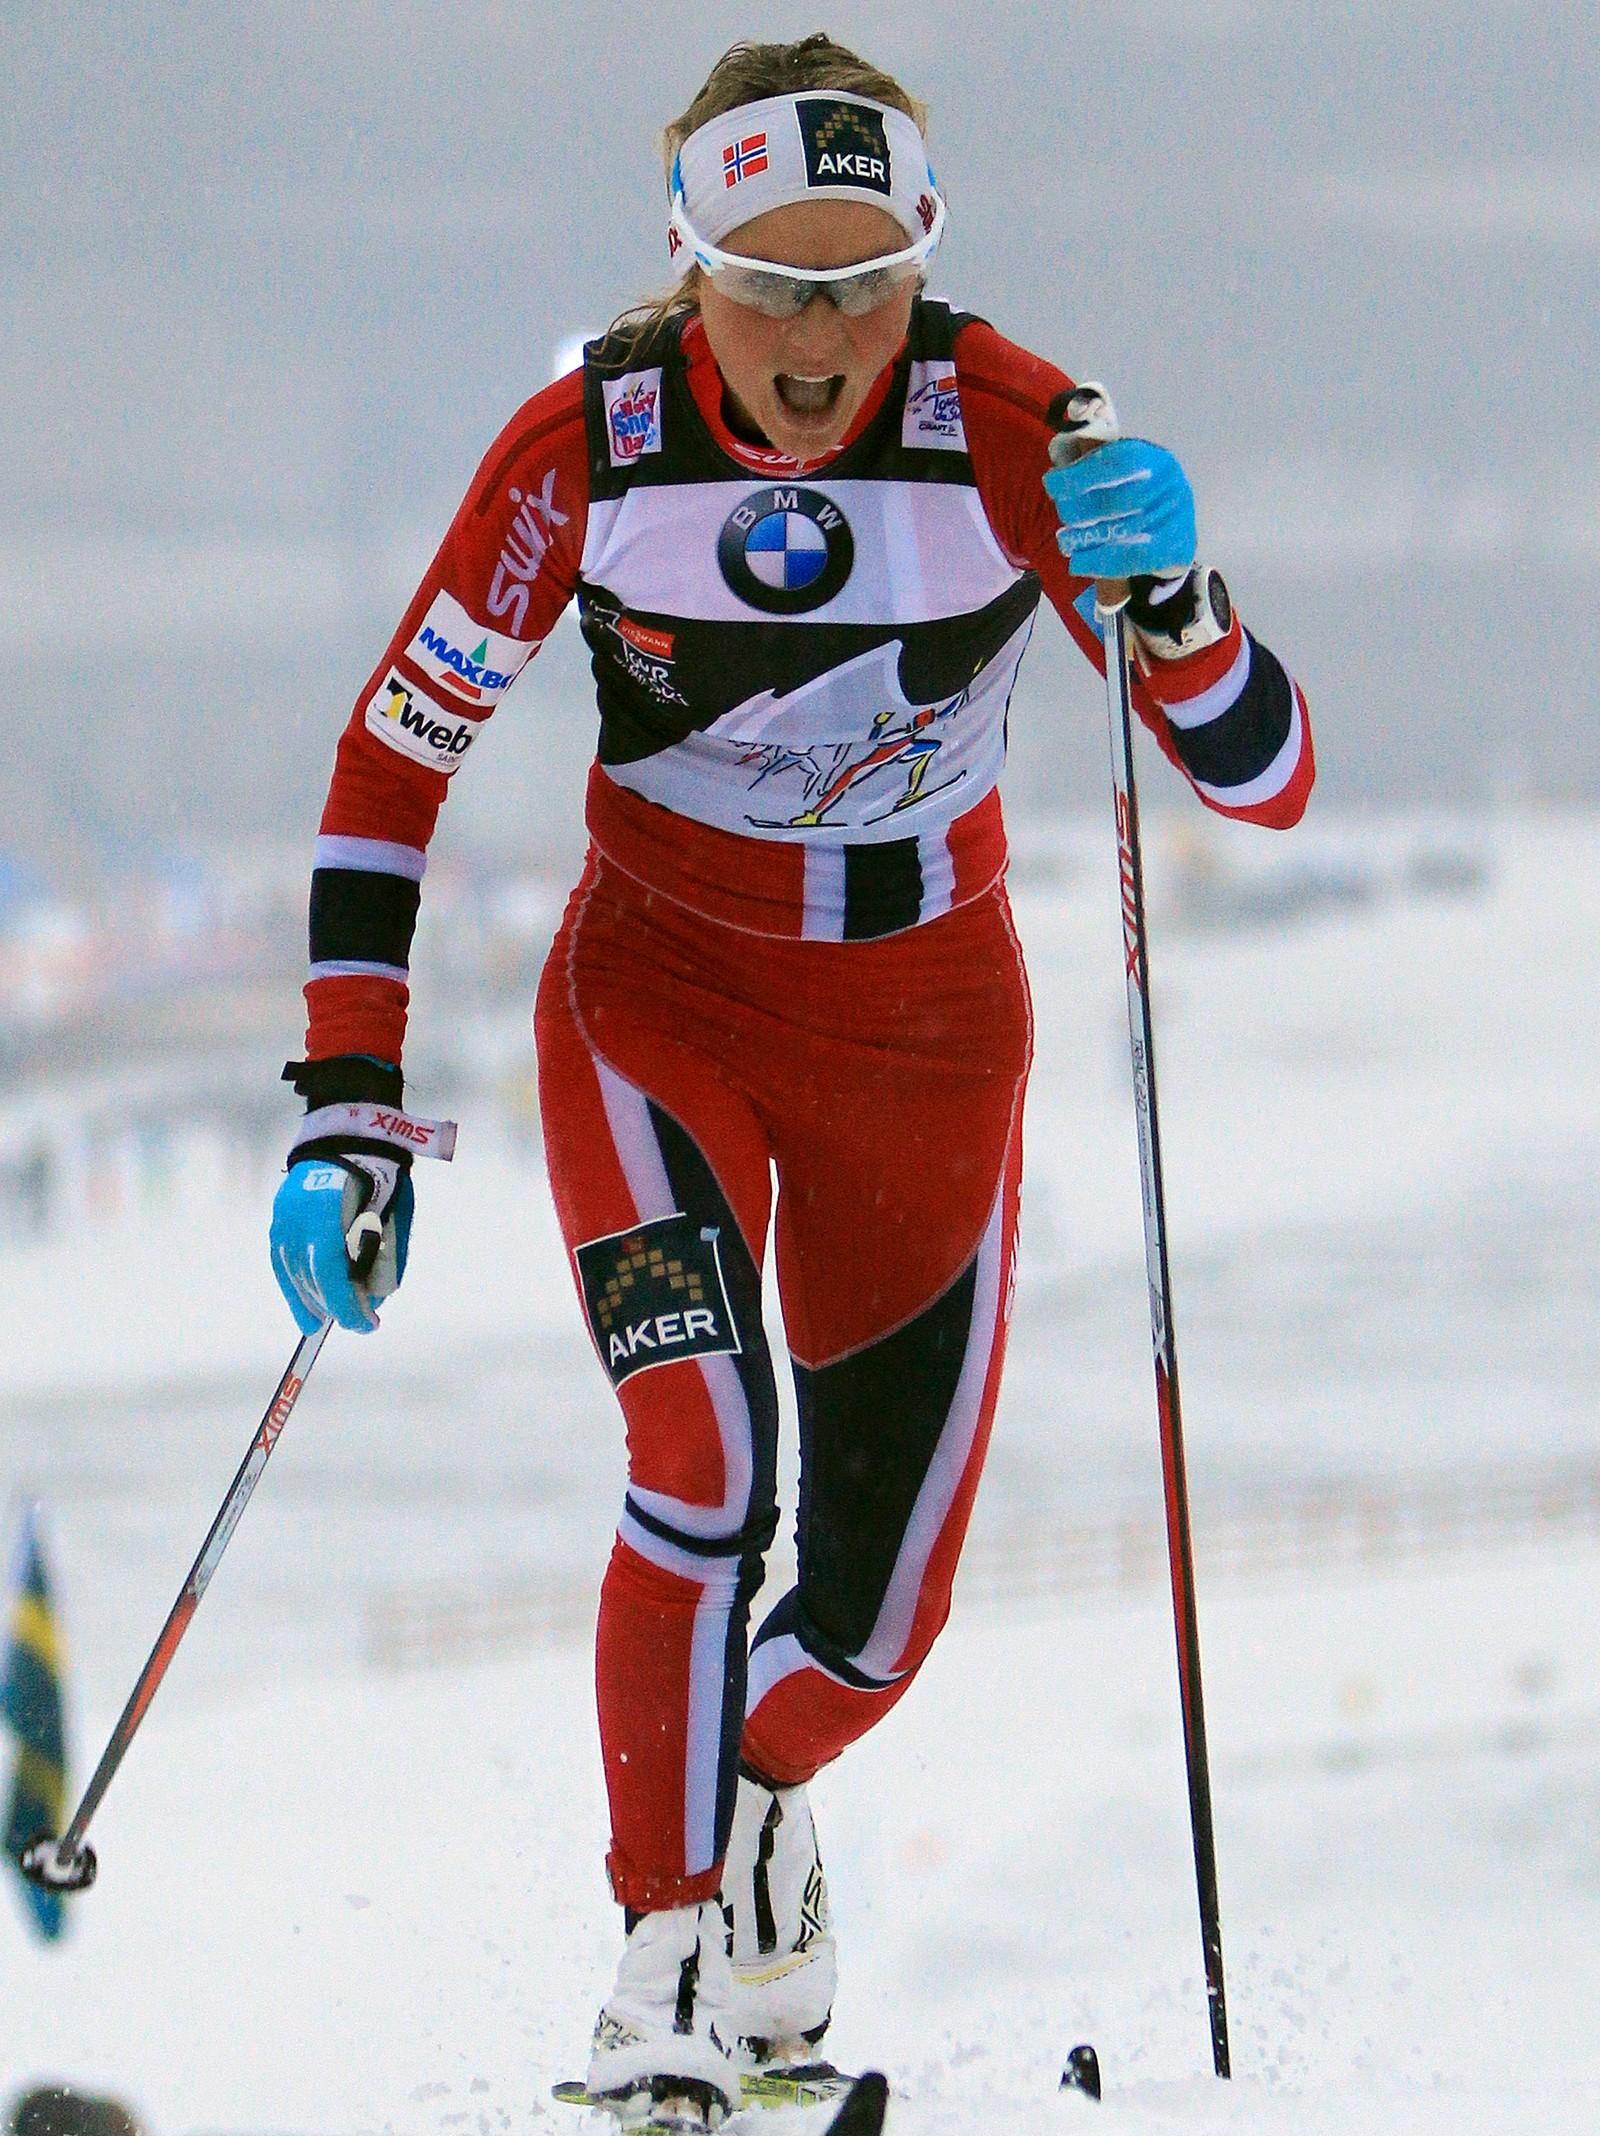 фото норвежских лыжниц размещенных на порносайте только